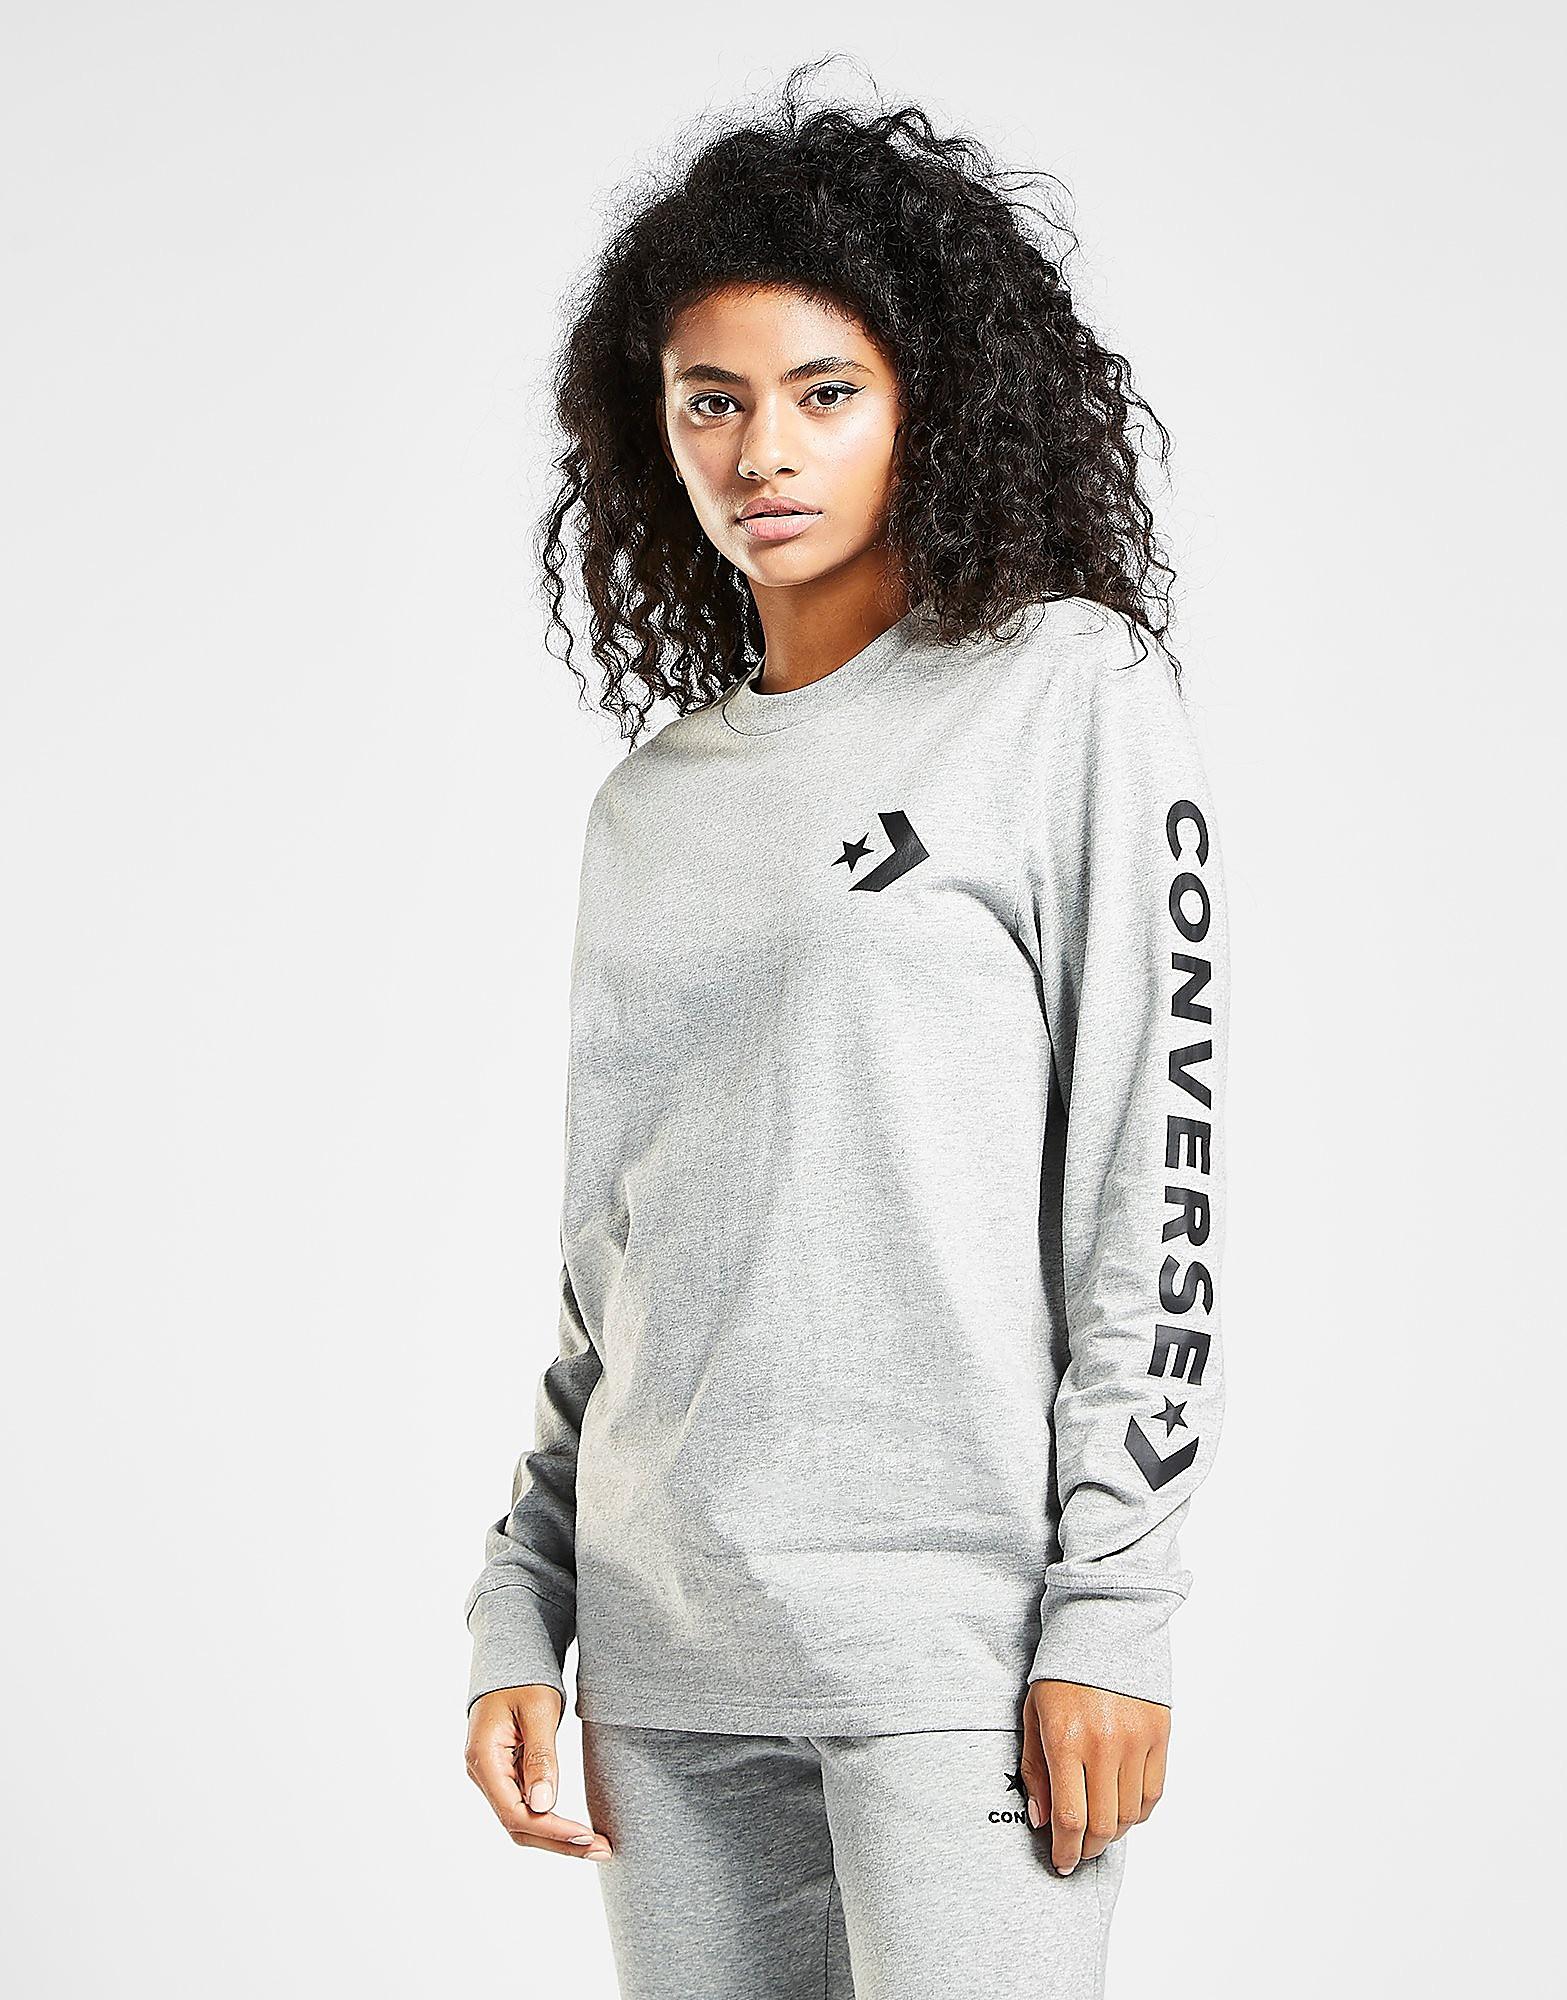 Converse Star Chevron Long Sleeve T-Shirt Dames - Grijs - Dames